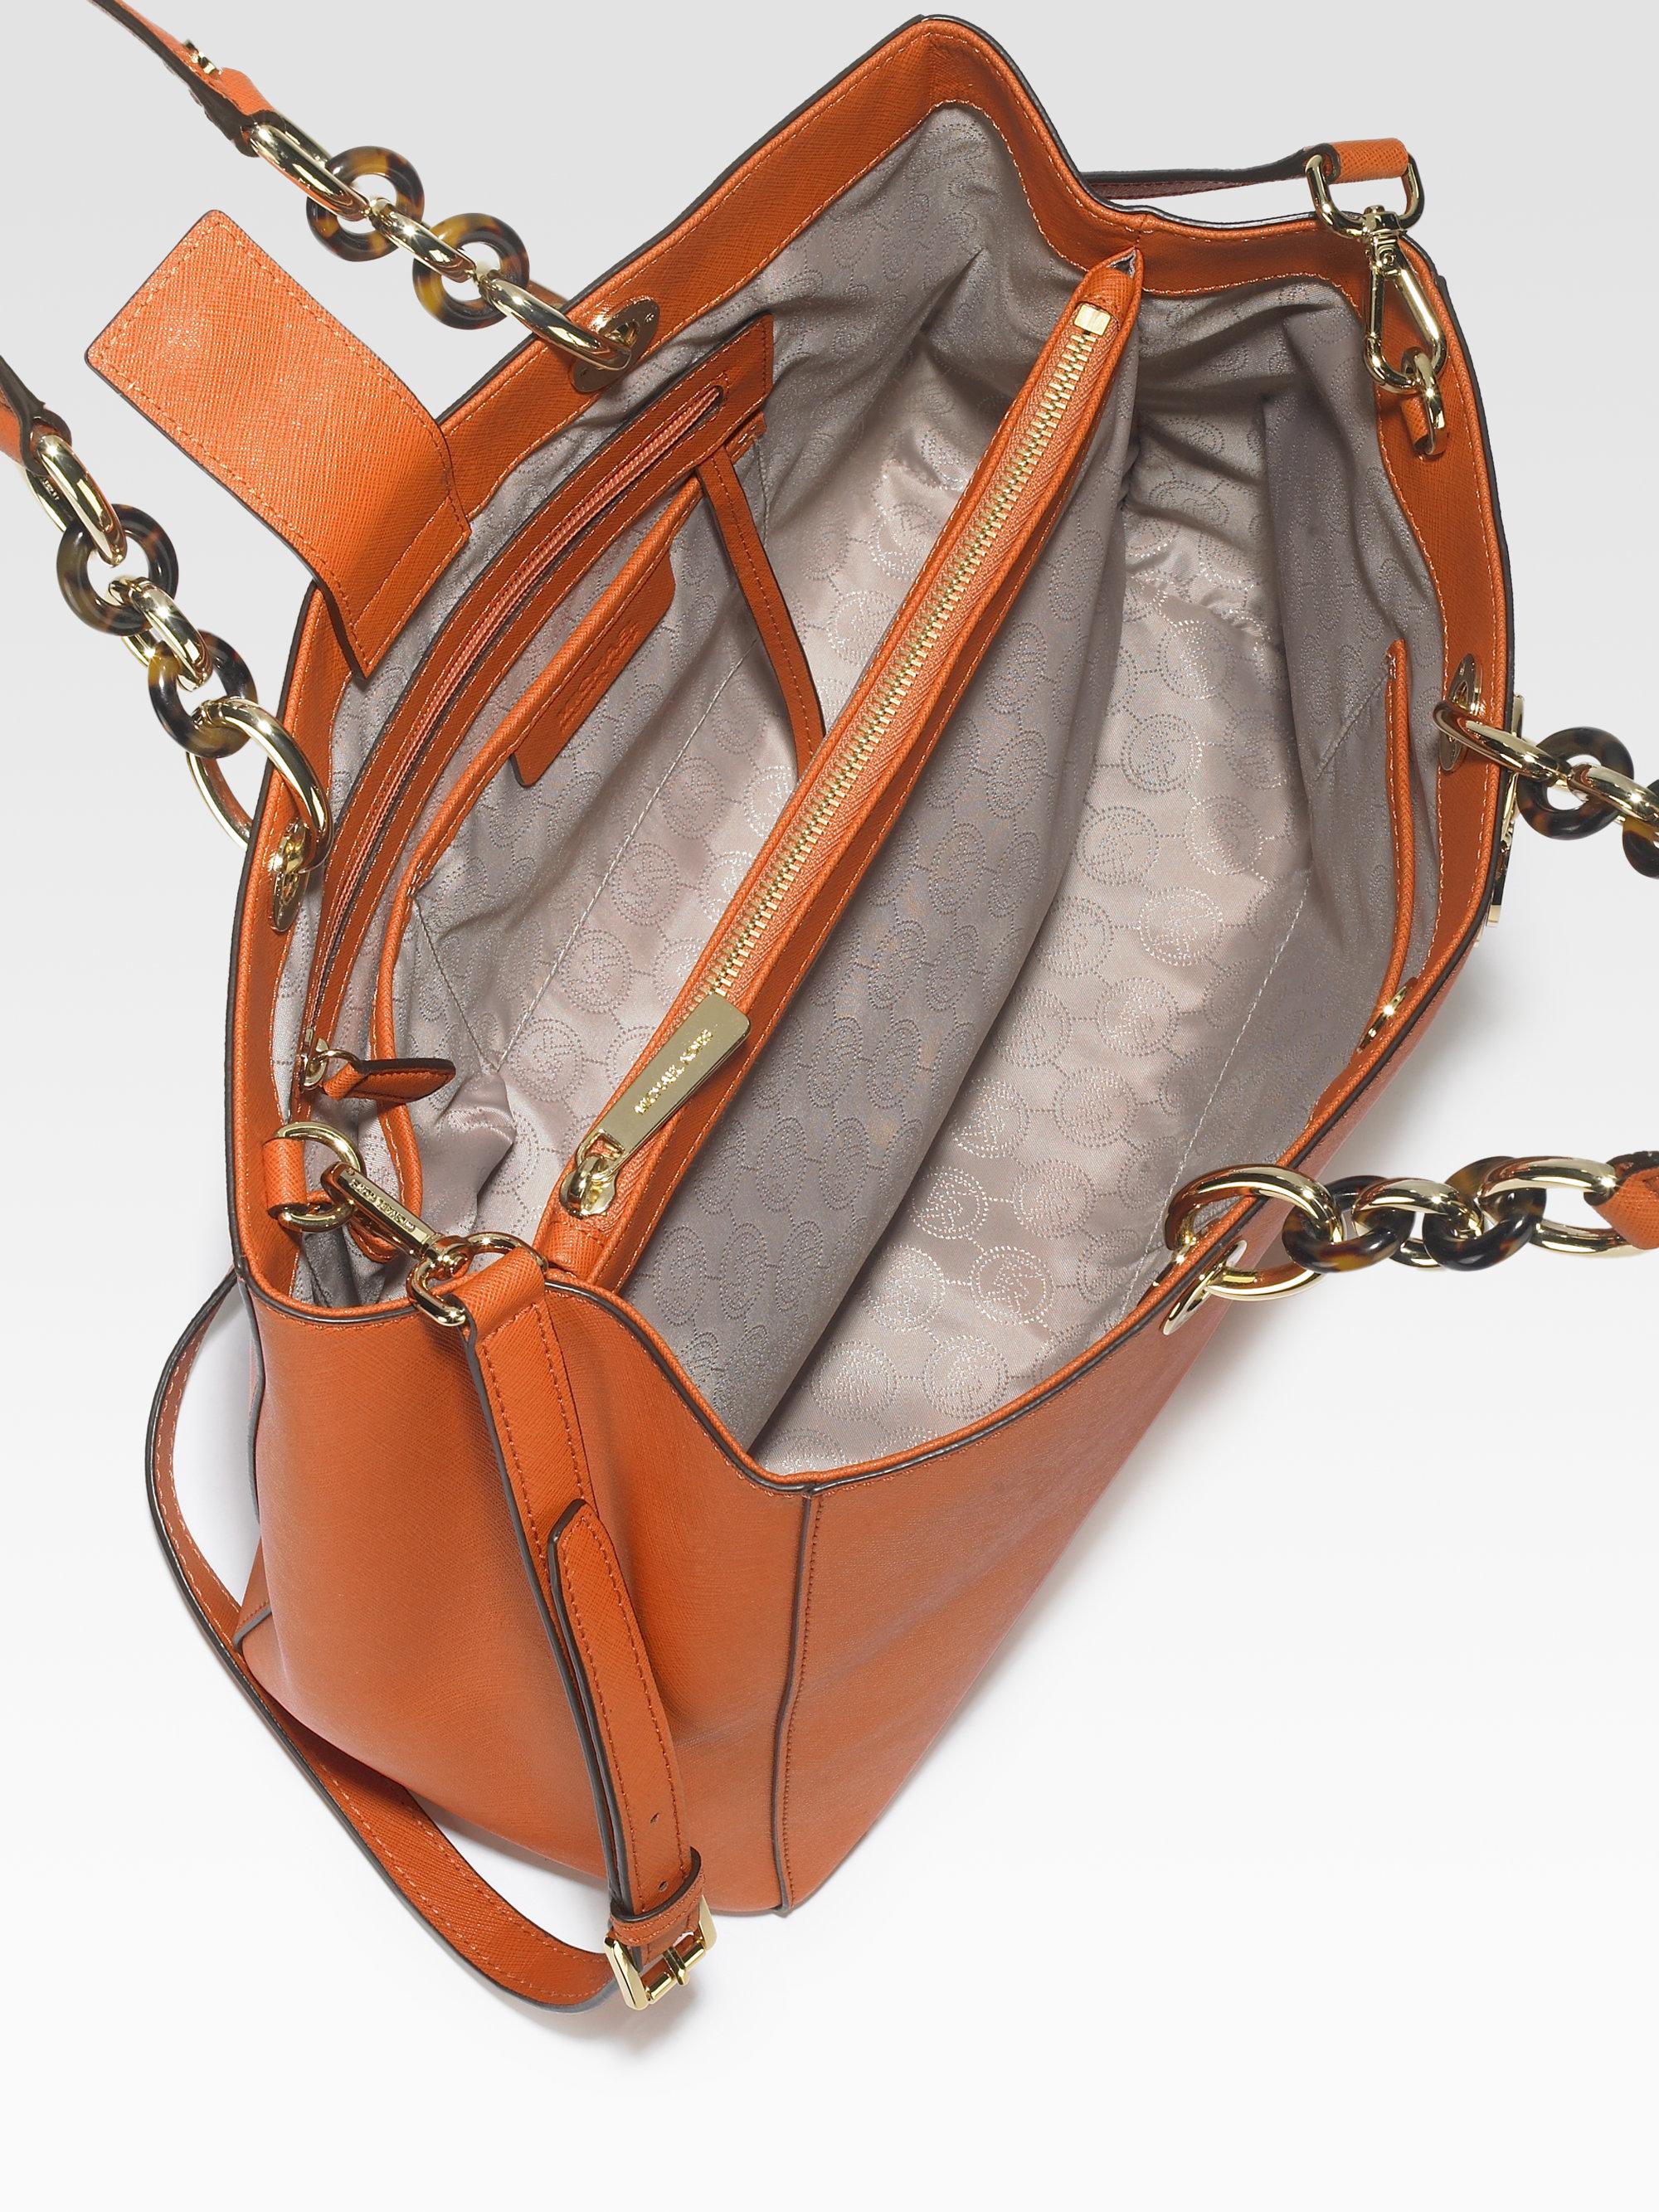 6bf68b6c7abb ... shop lyst michael michael kors cynthia large satchel in natural 71d6b  23028